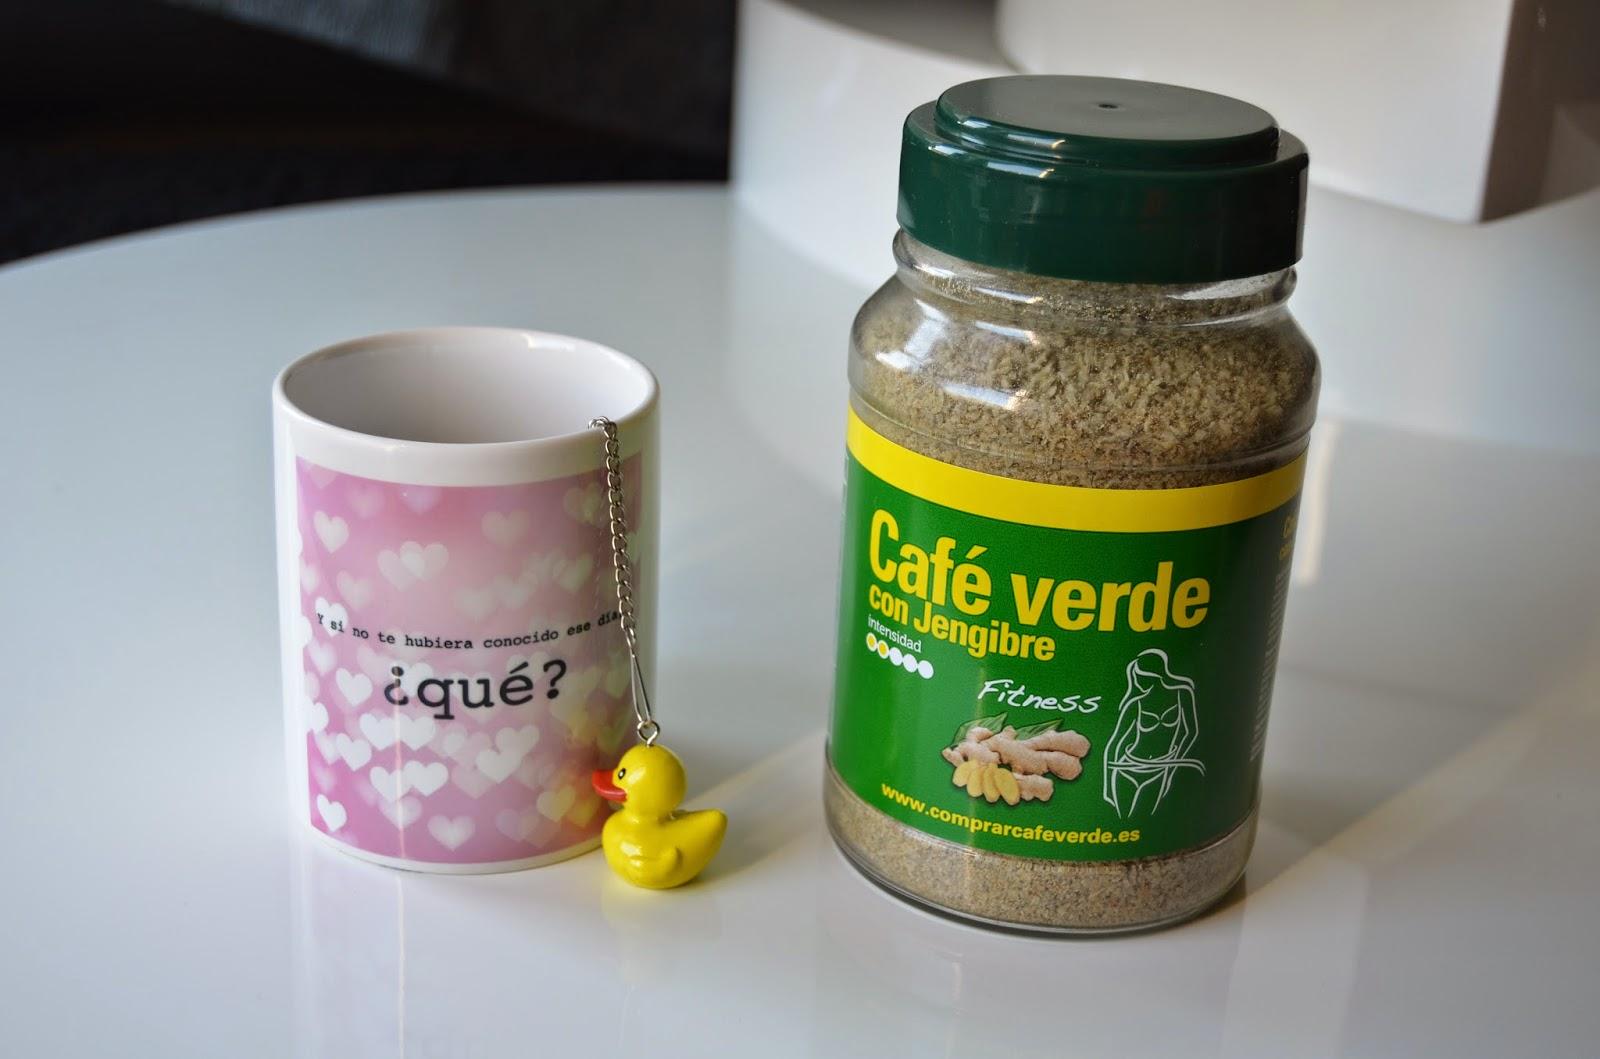 cafe_verde_mibolsillodetrapillo